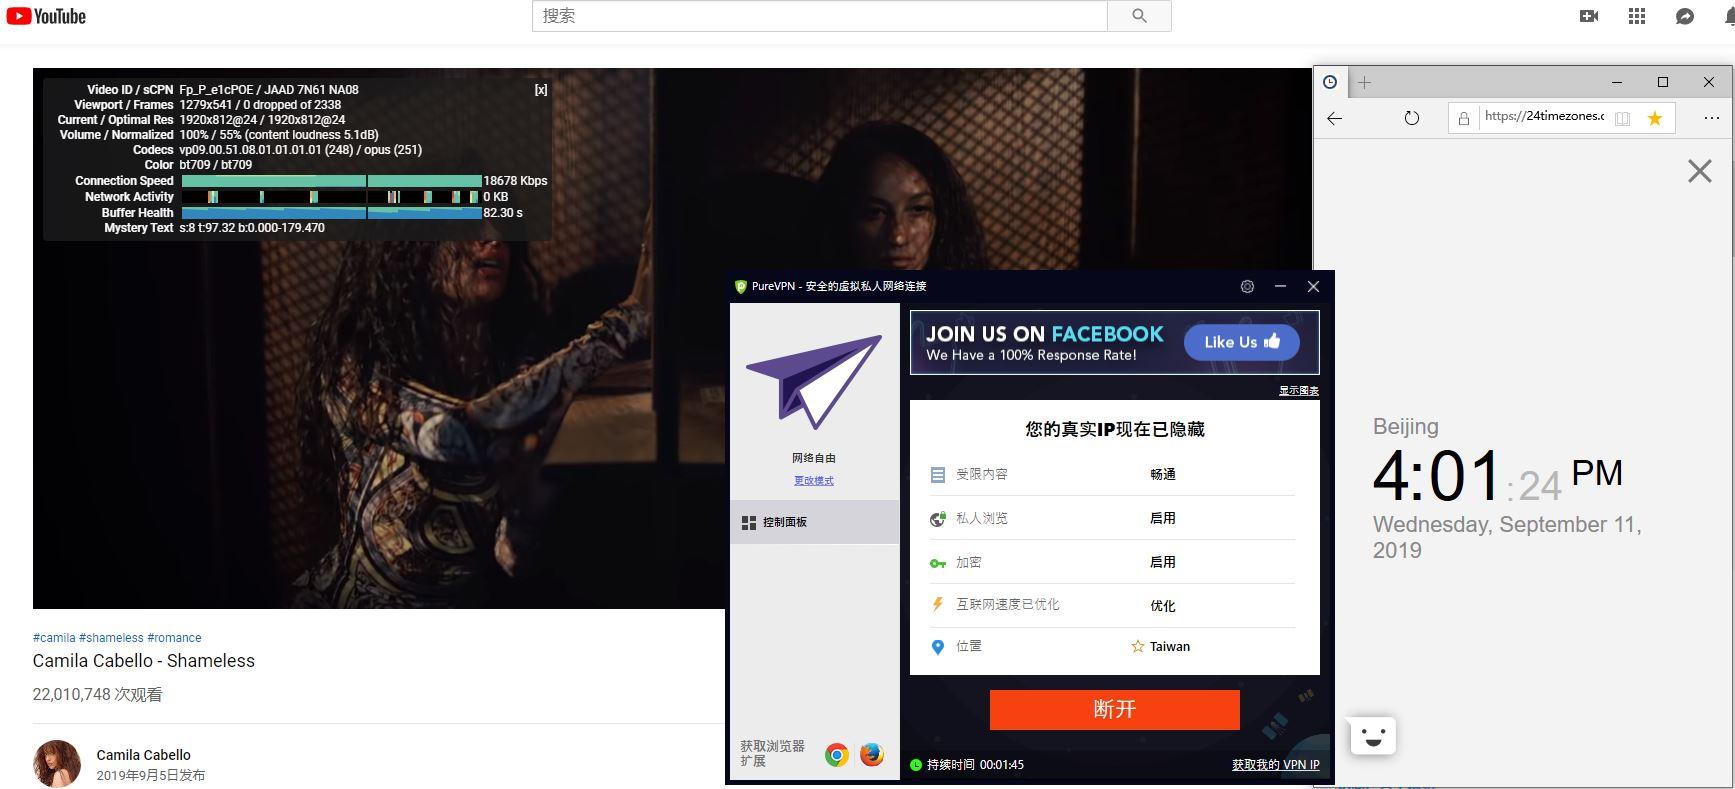 windows pureVPN 台湾服务器 中国VPN翻墙 科学上网 YouTube速度测试-2-20190911